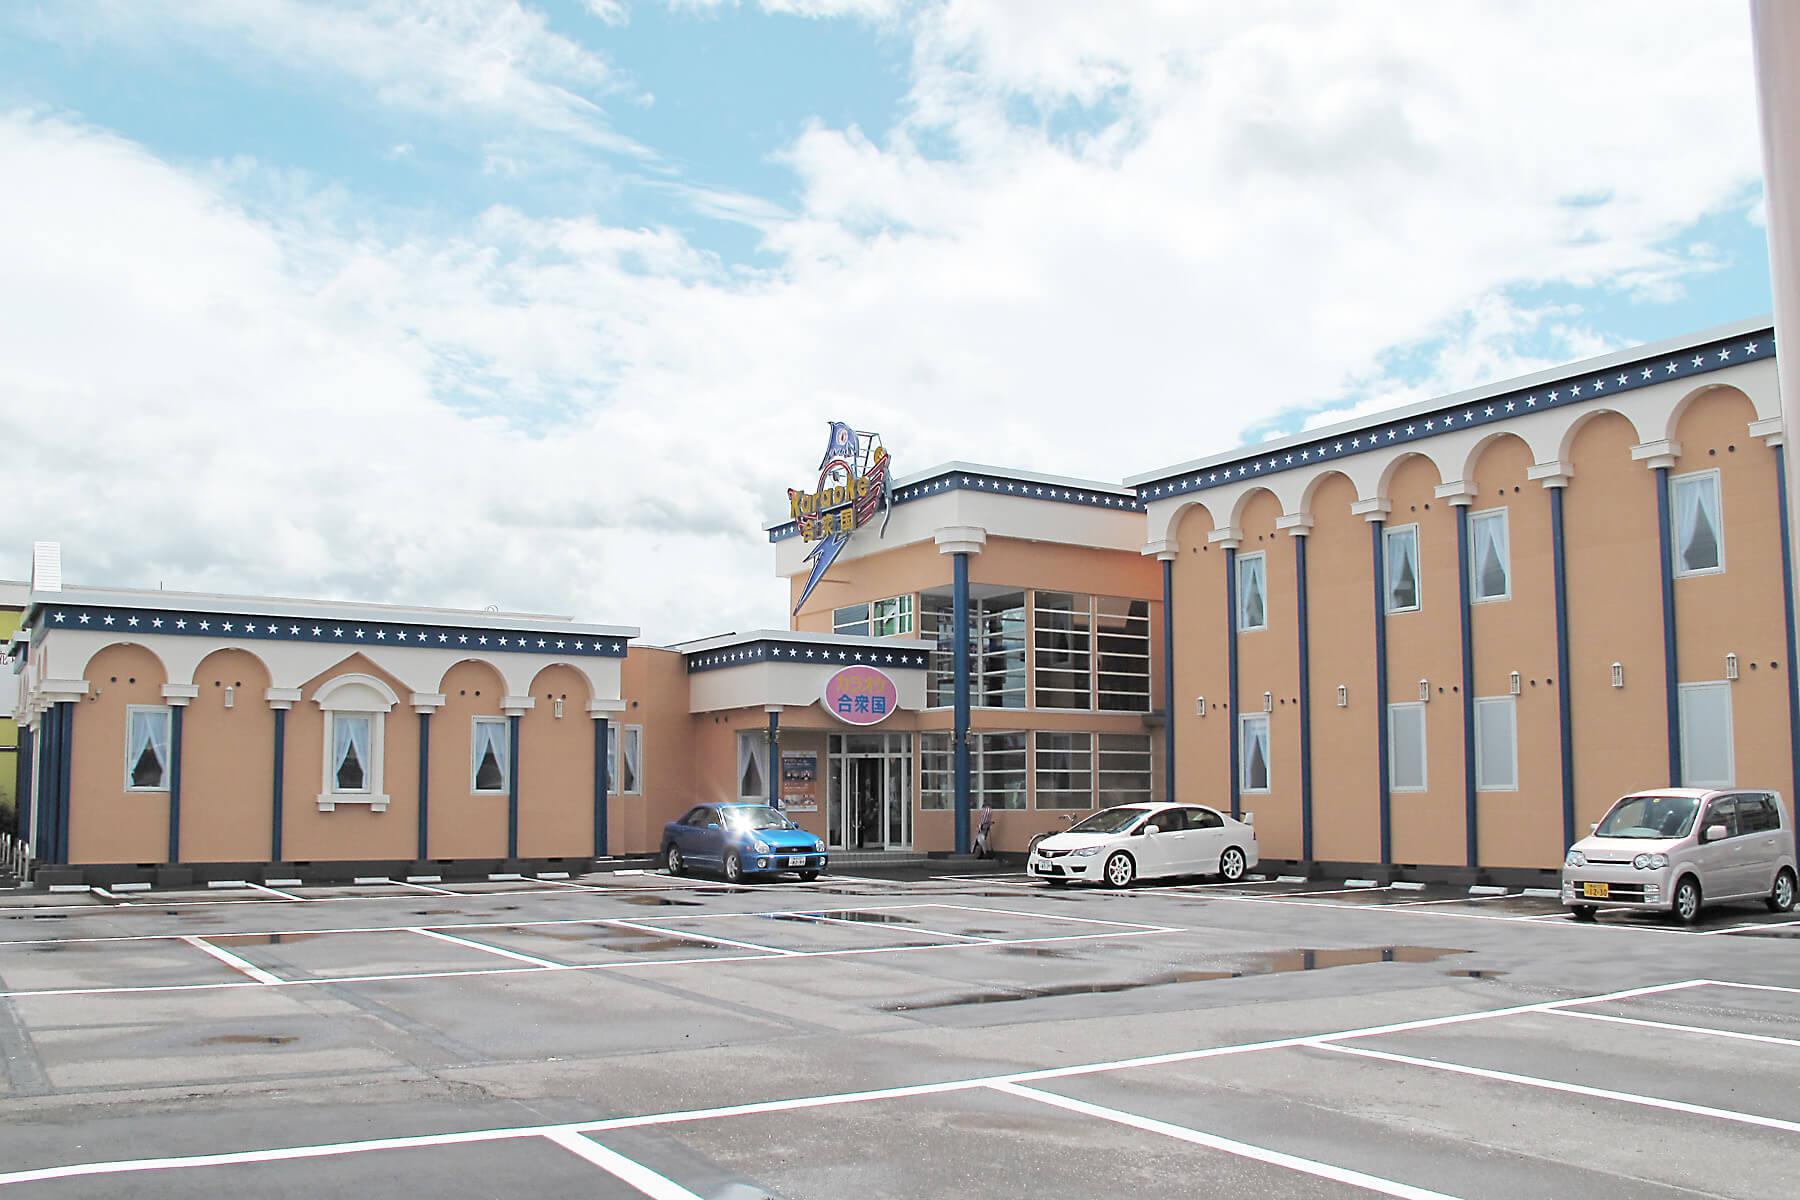 カラオケ合衆国 弘前城東店のイメージ